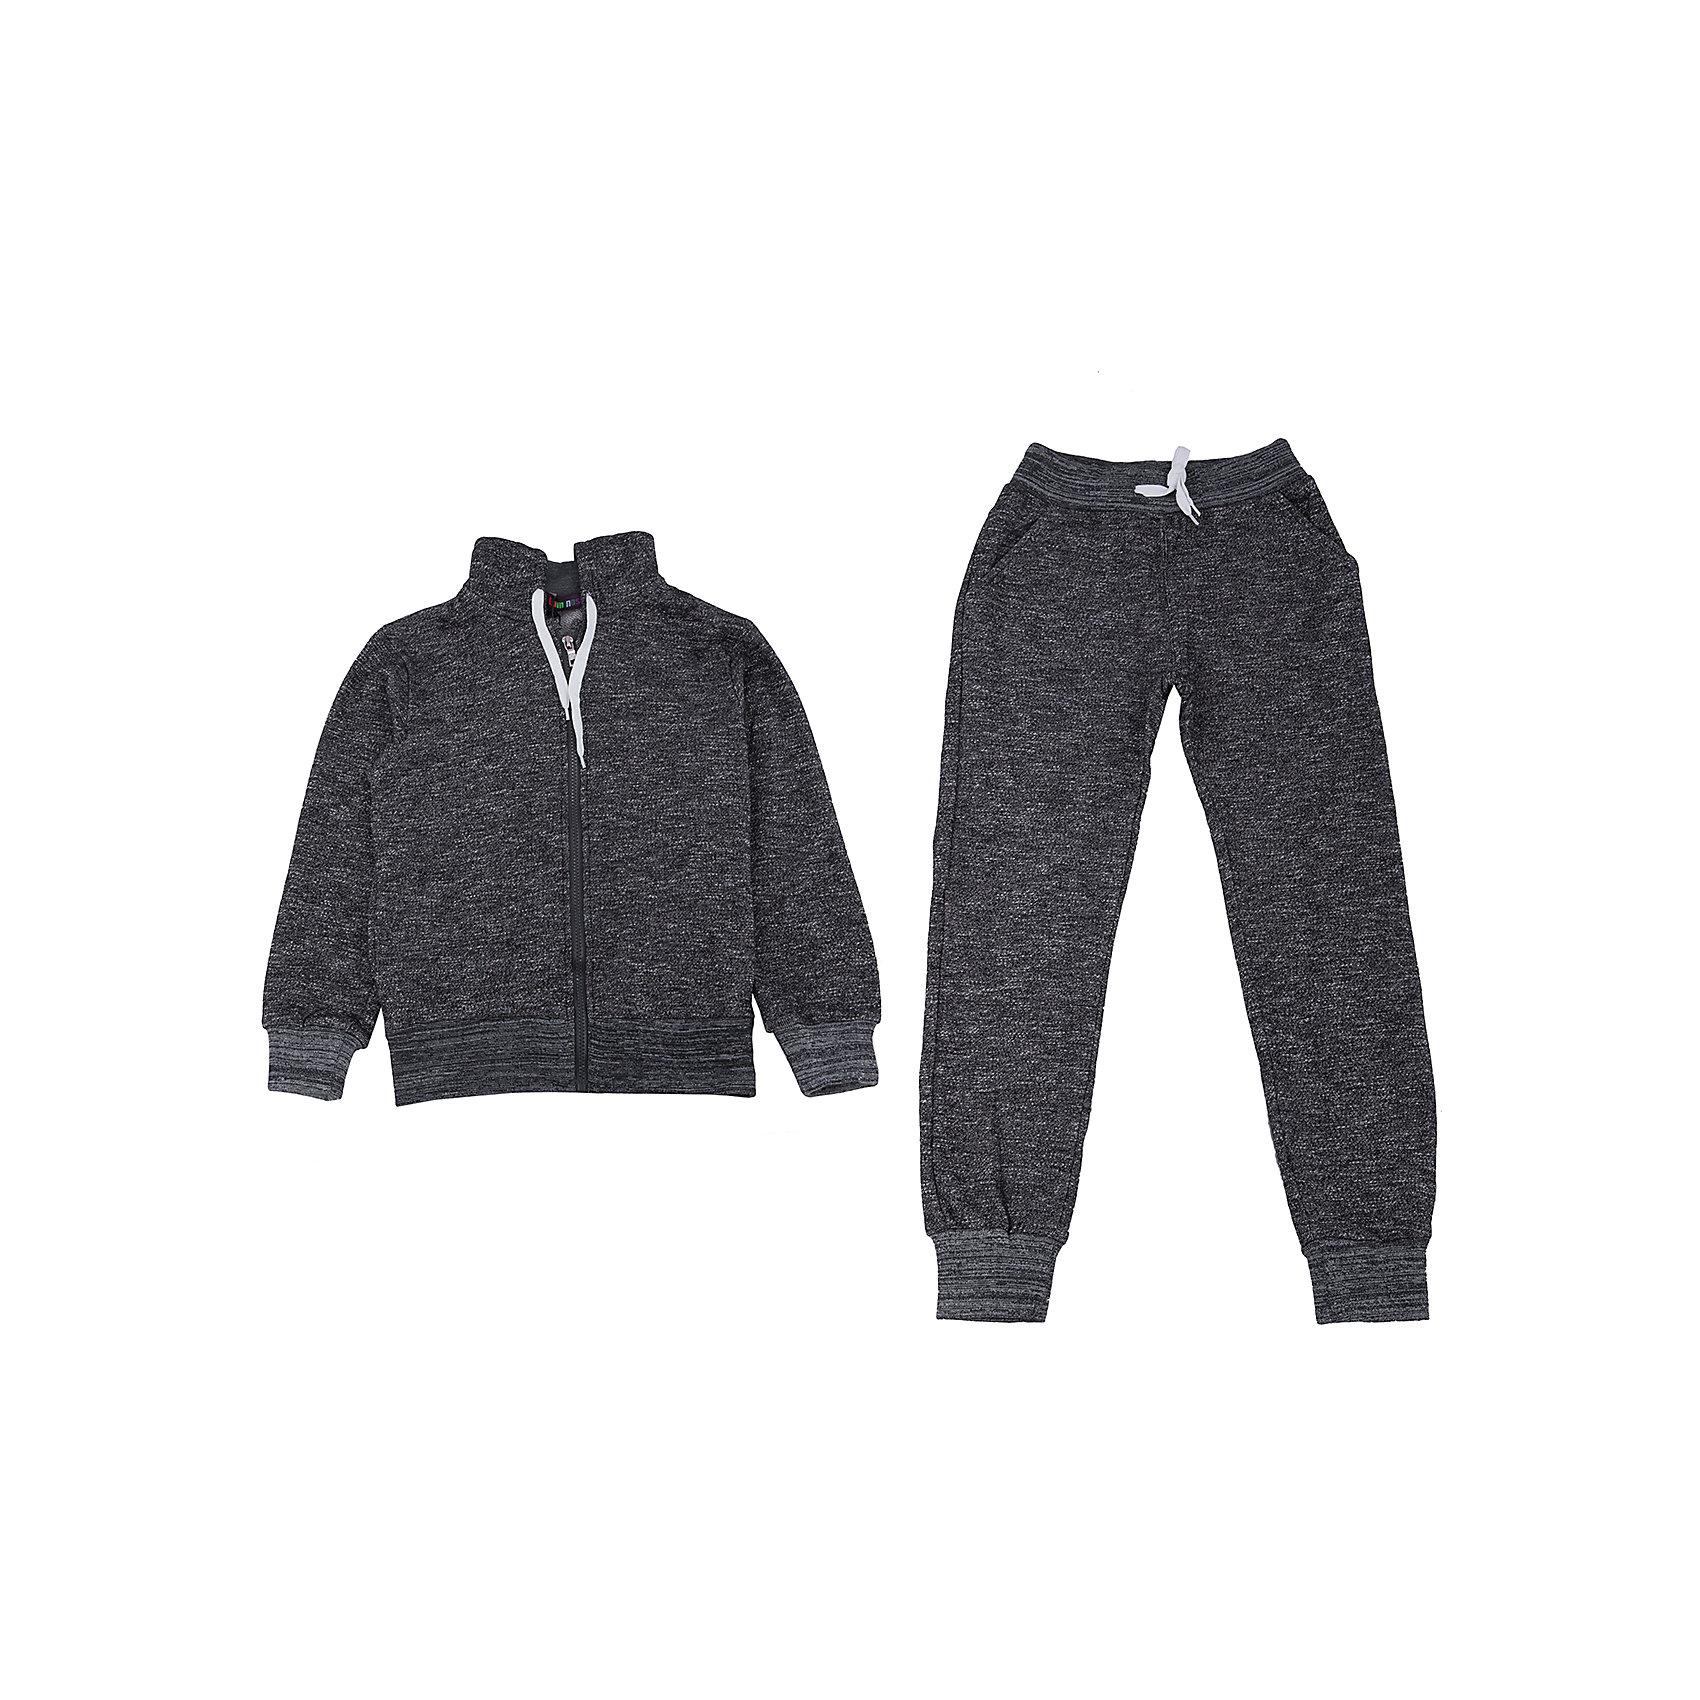 Спортивный костюм для мальчика LuminosoКомплекты<br>Спортивный костюм для мальчика от популярной марки Luminoso.<br>Спортивный костюм для мальчика модного серого меланжа с белыми контрастными шнурками.<br>Состав:<br>80% хлопок, 20% полиэстер<br><br>Ширина мм: 247<br>Глубина мм: 16<br>Высота мм: 140<br>Вес г: 225<br>Цвет: серый<br>Возраст от месяцев: 156<br>Возраст до месяцев: 168<br>Пол: Мужской<br>Возраст: Детский<br>Размер: 164,134,140,146,152,158<br>SKU: 4944881